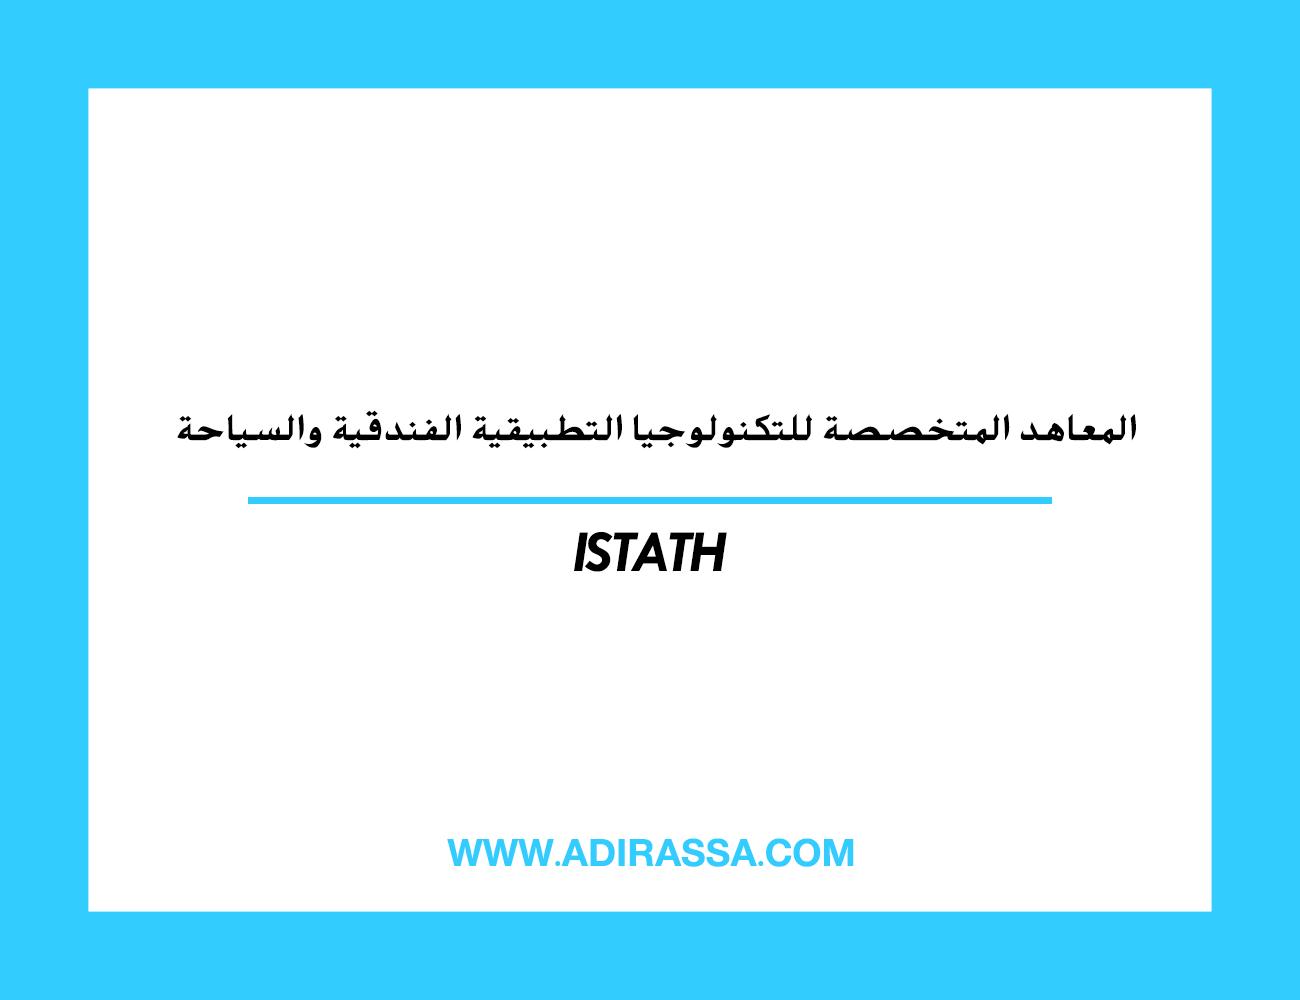 المعاهد المتخصصة للتكنولوجيا التطبيقية الفندقية والسياحة بالمملكة المغربية